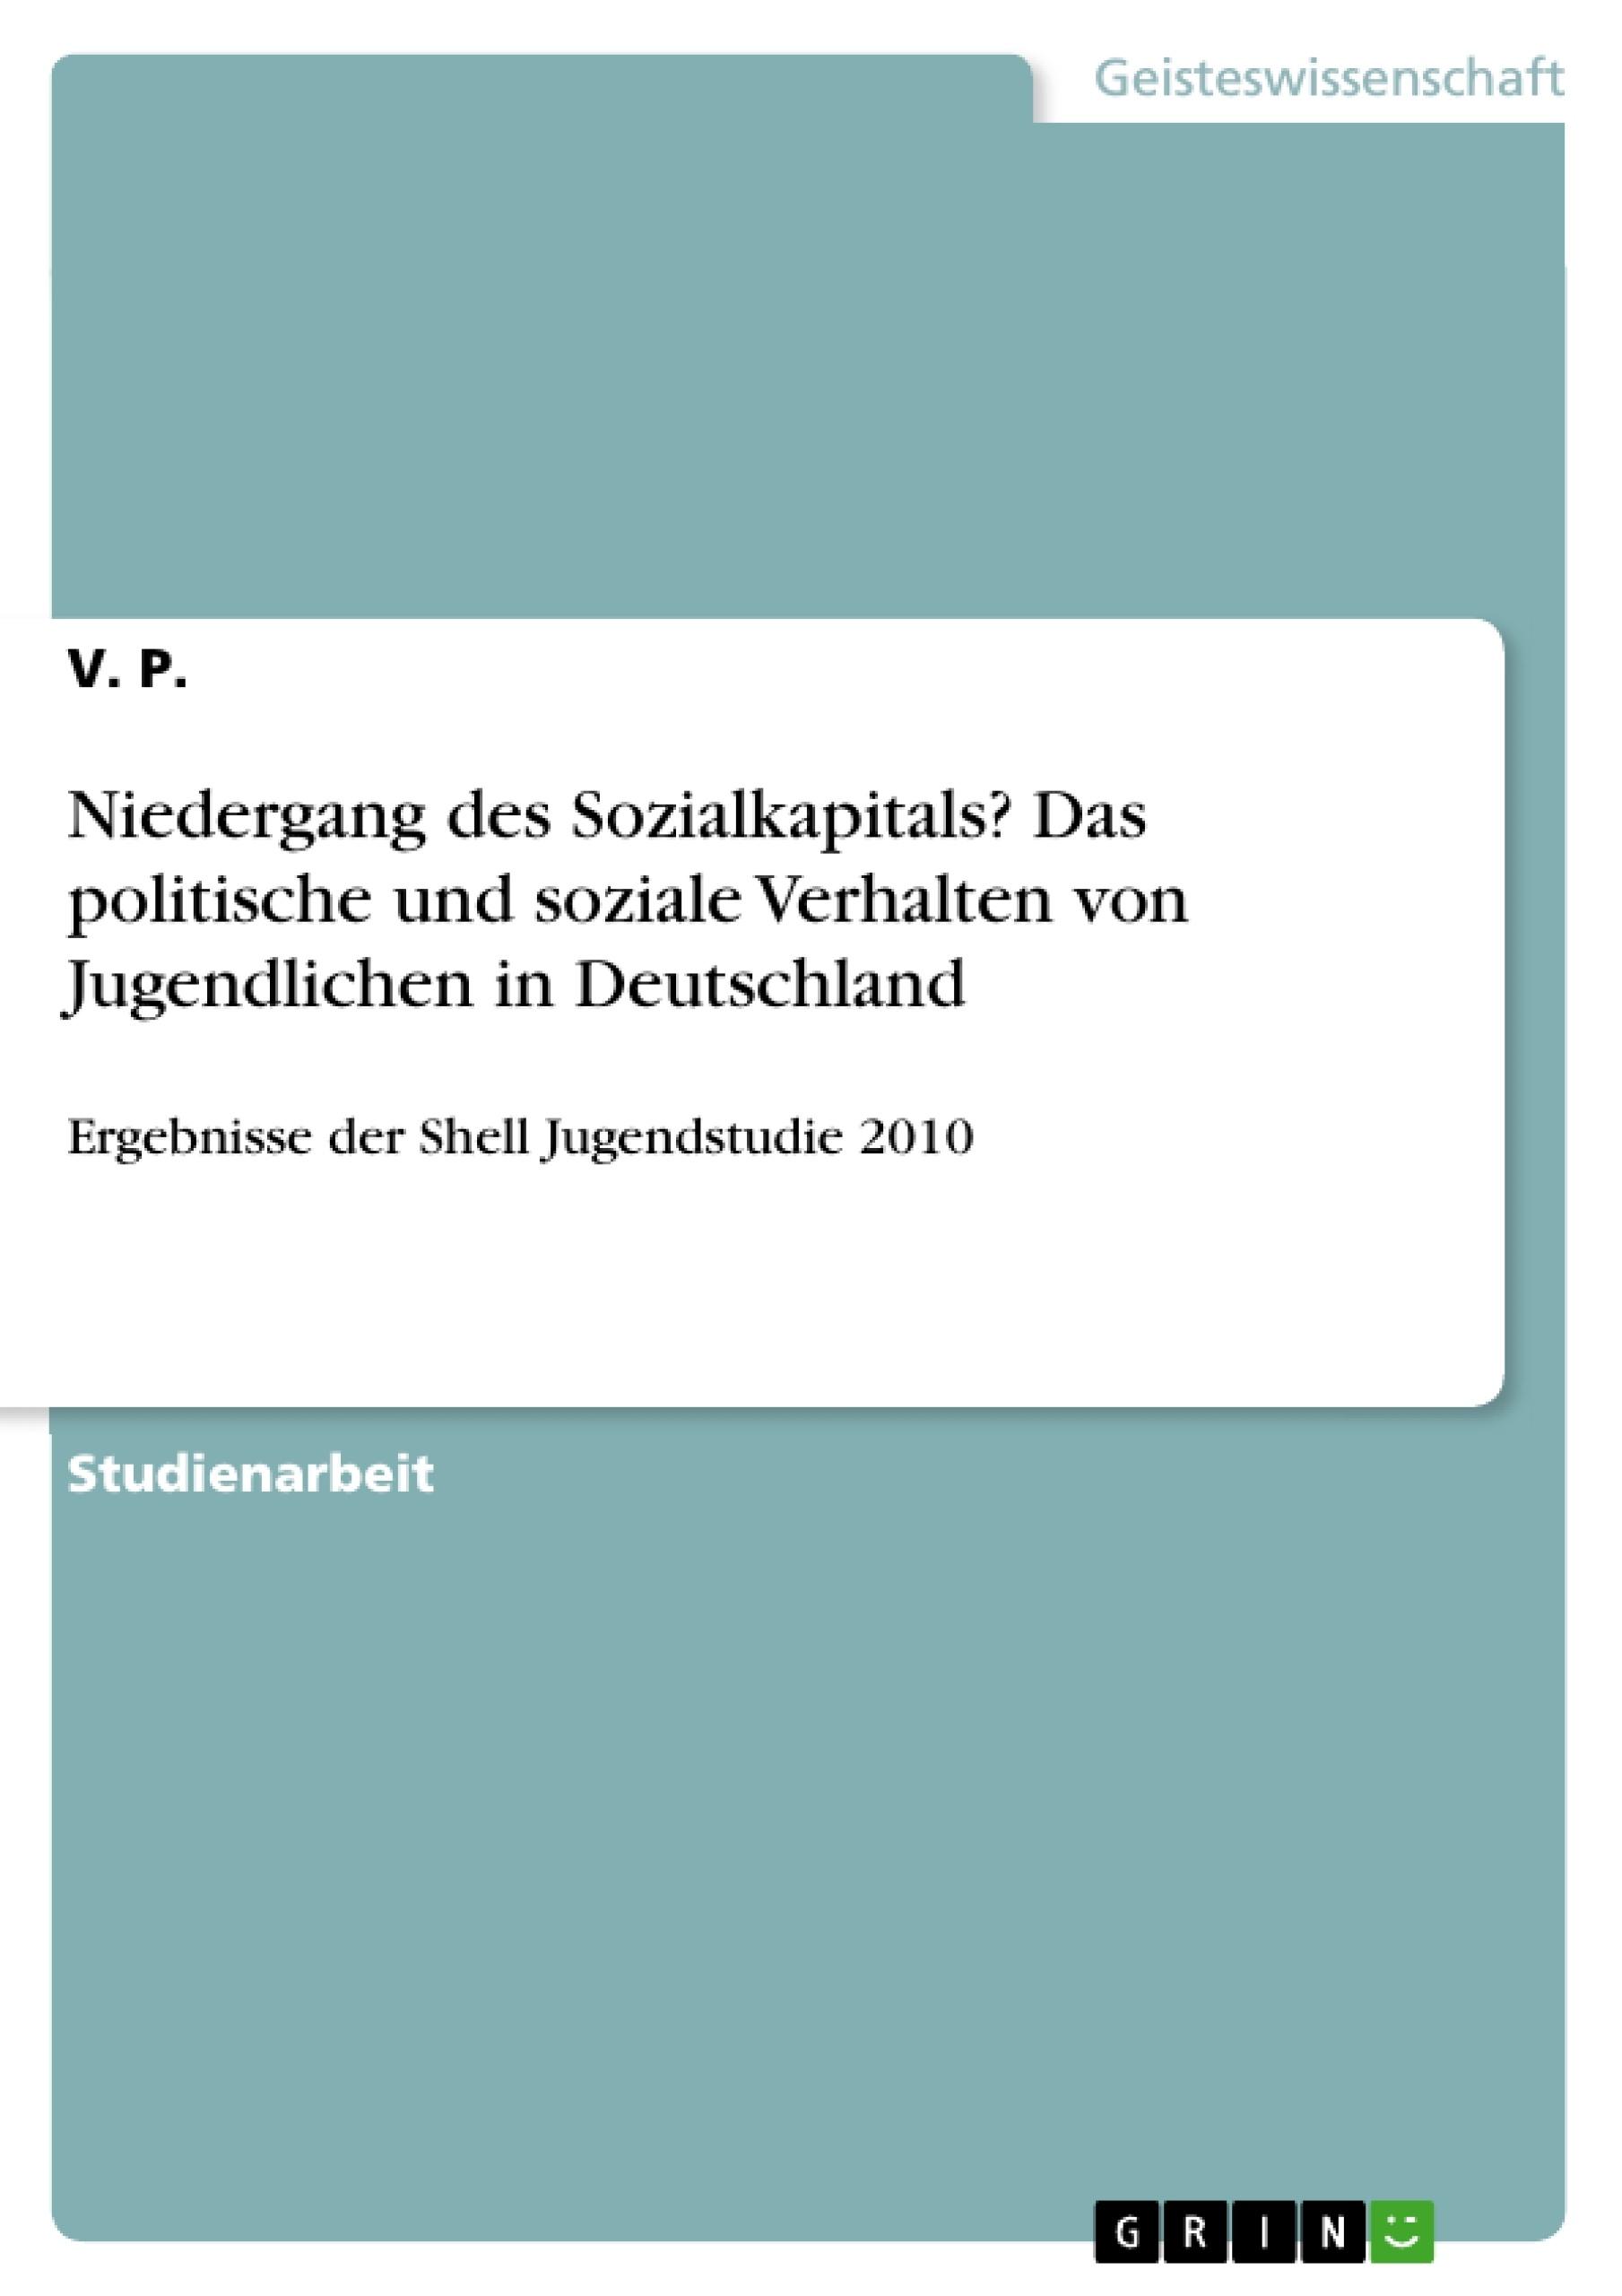 Titel: Niedergang des Sozialkapitals? Das politische und soziale Verhalten von Jugendlichen in Deutschland